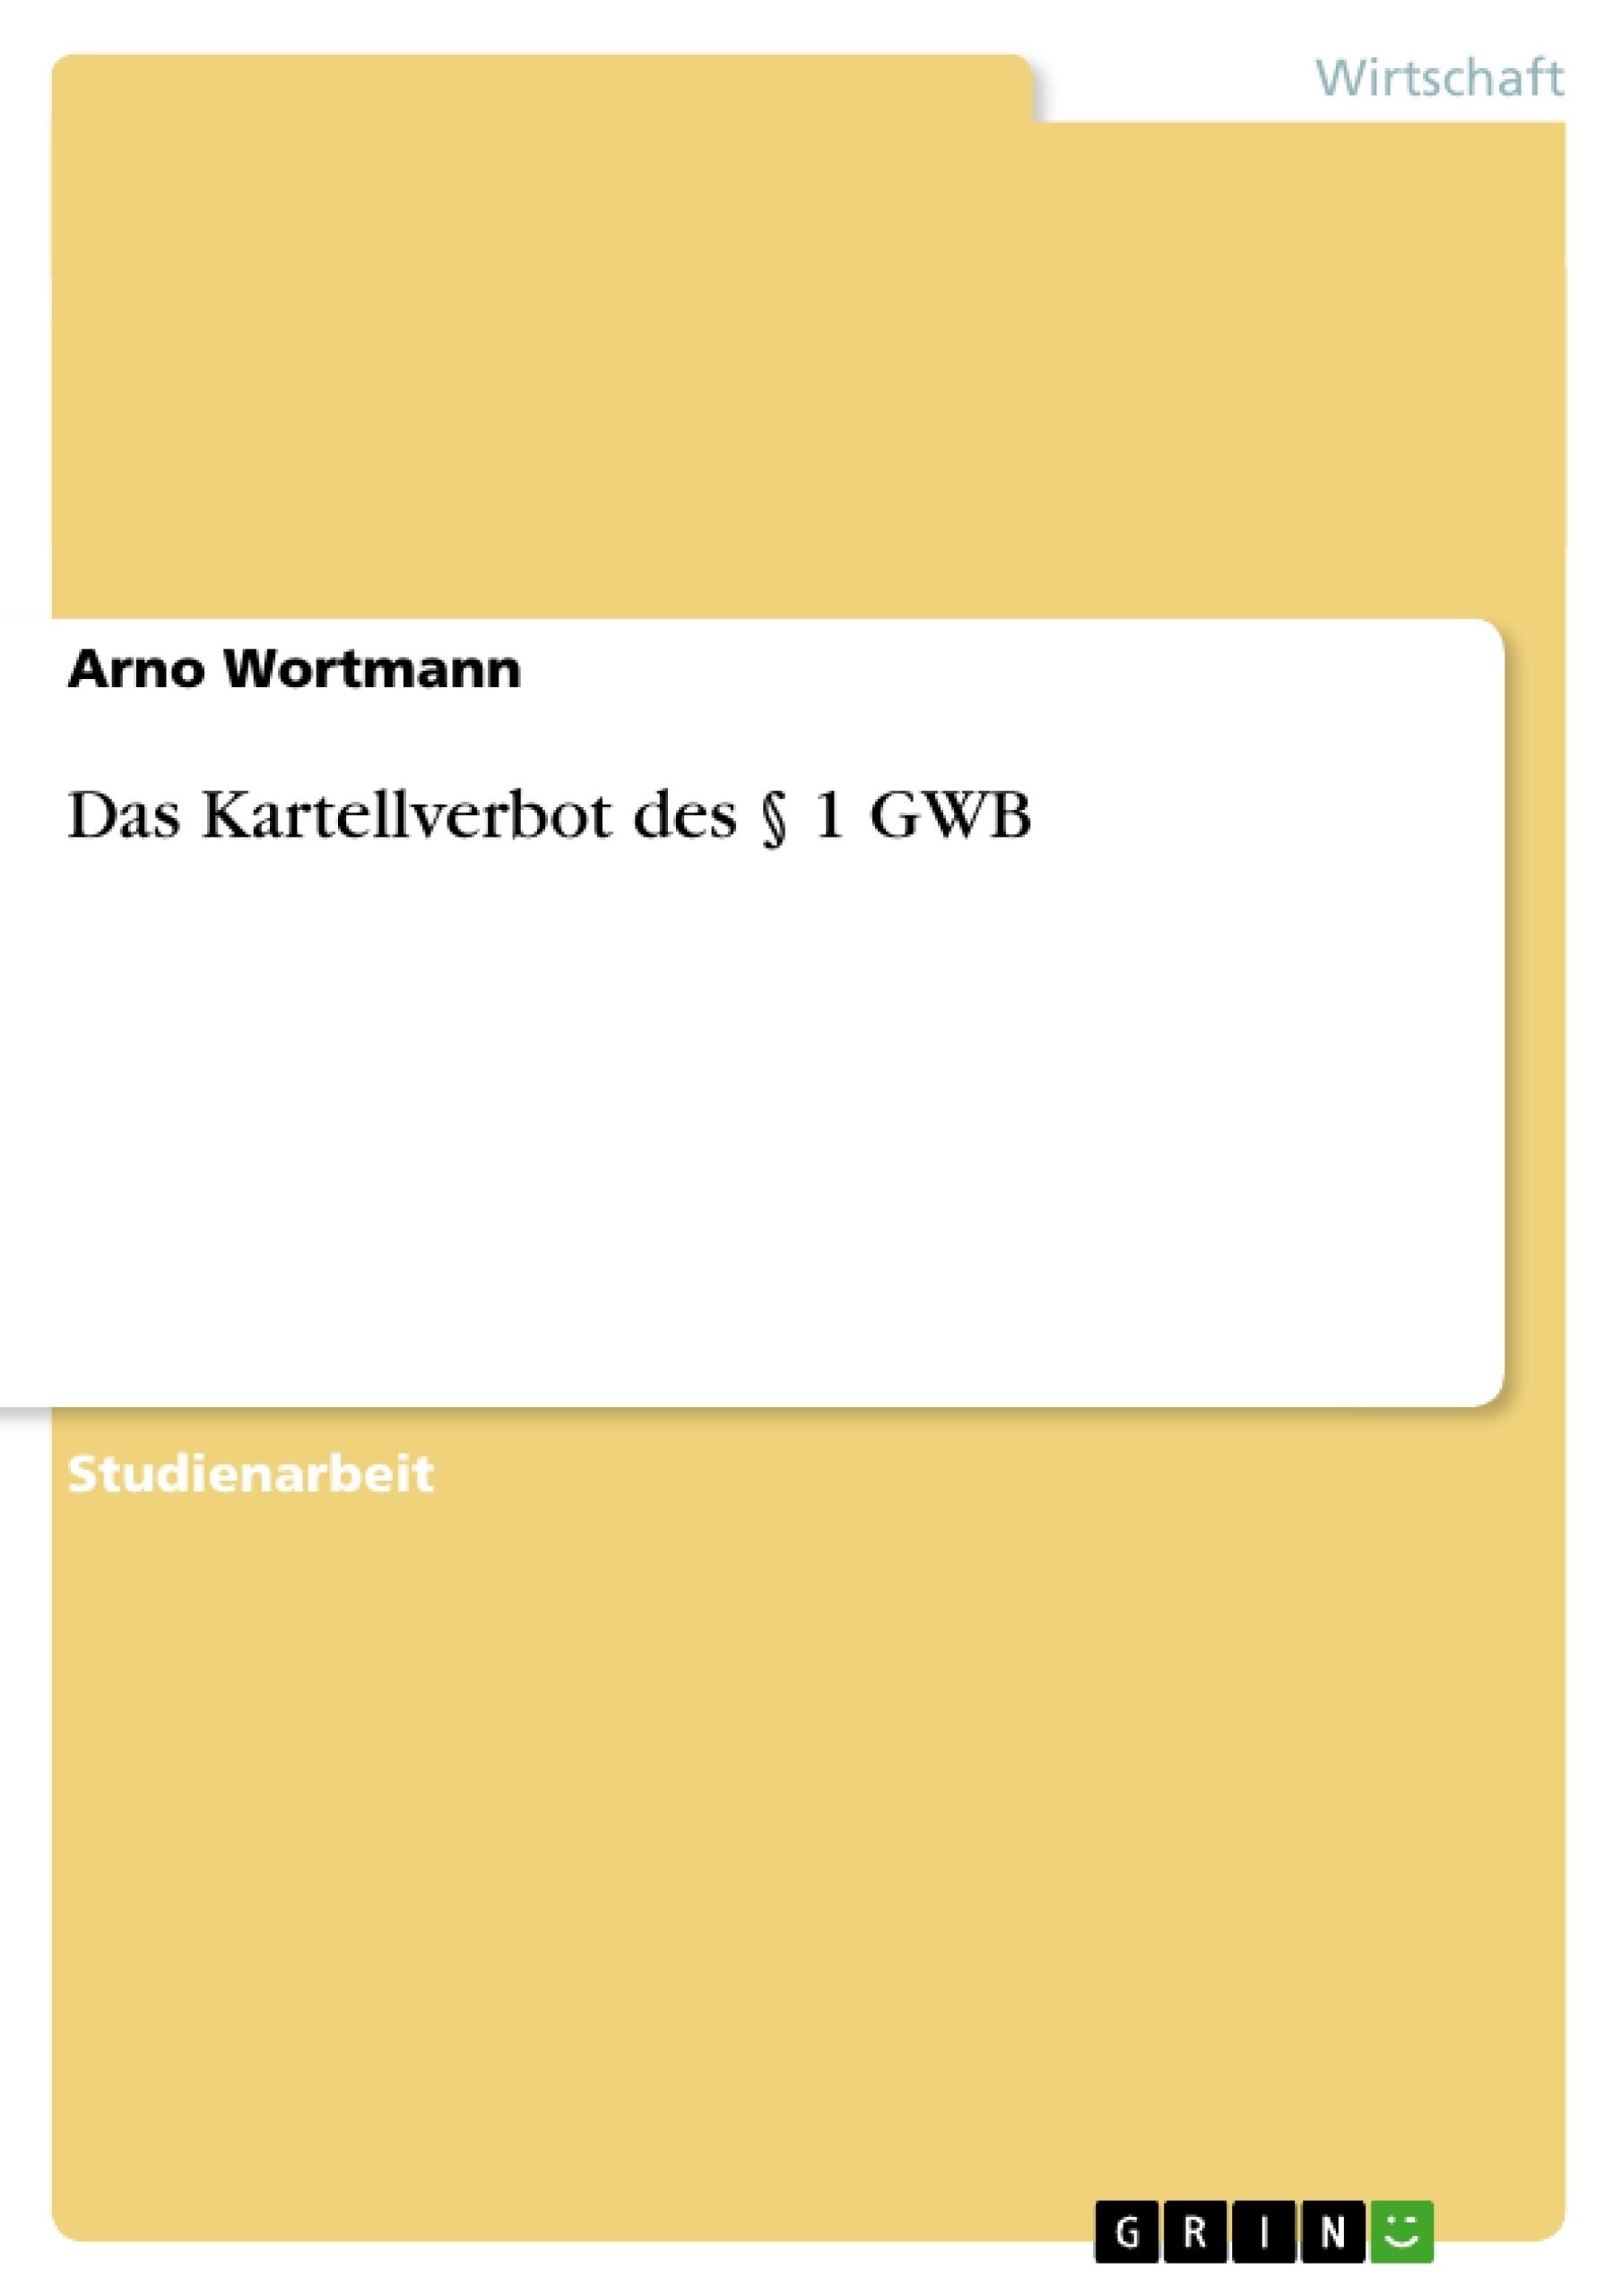 Titel: Das Kartellverbot des § 1 GWB